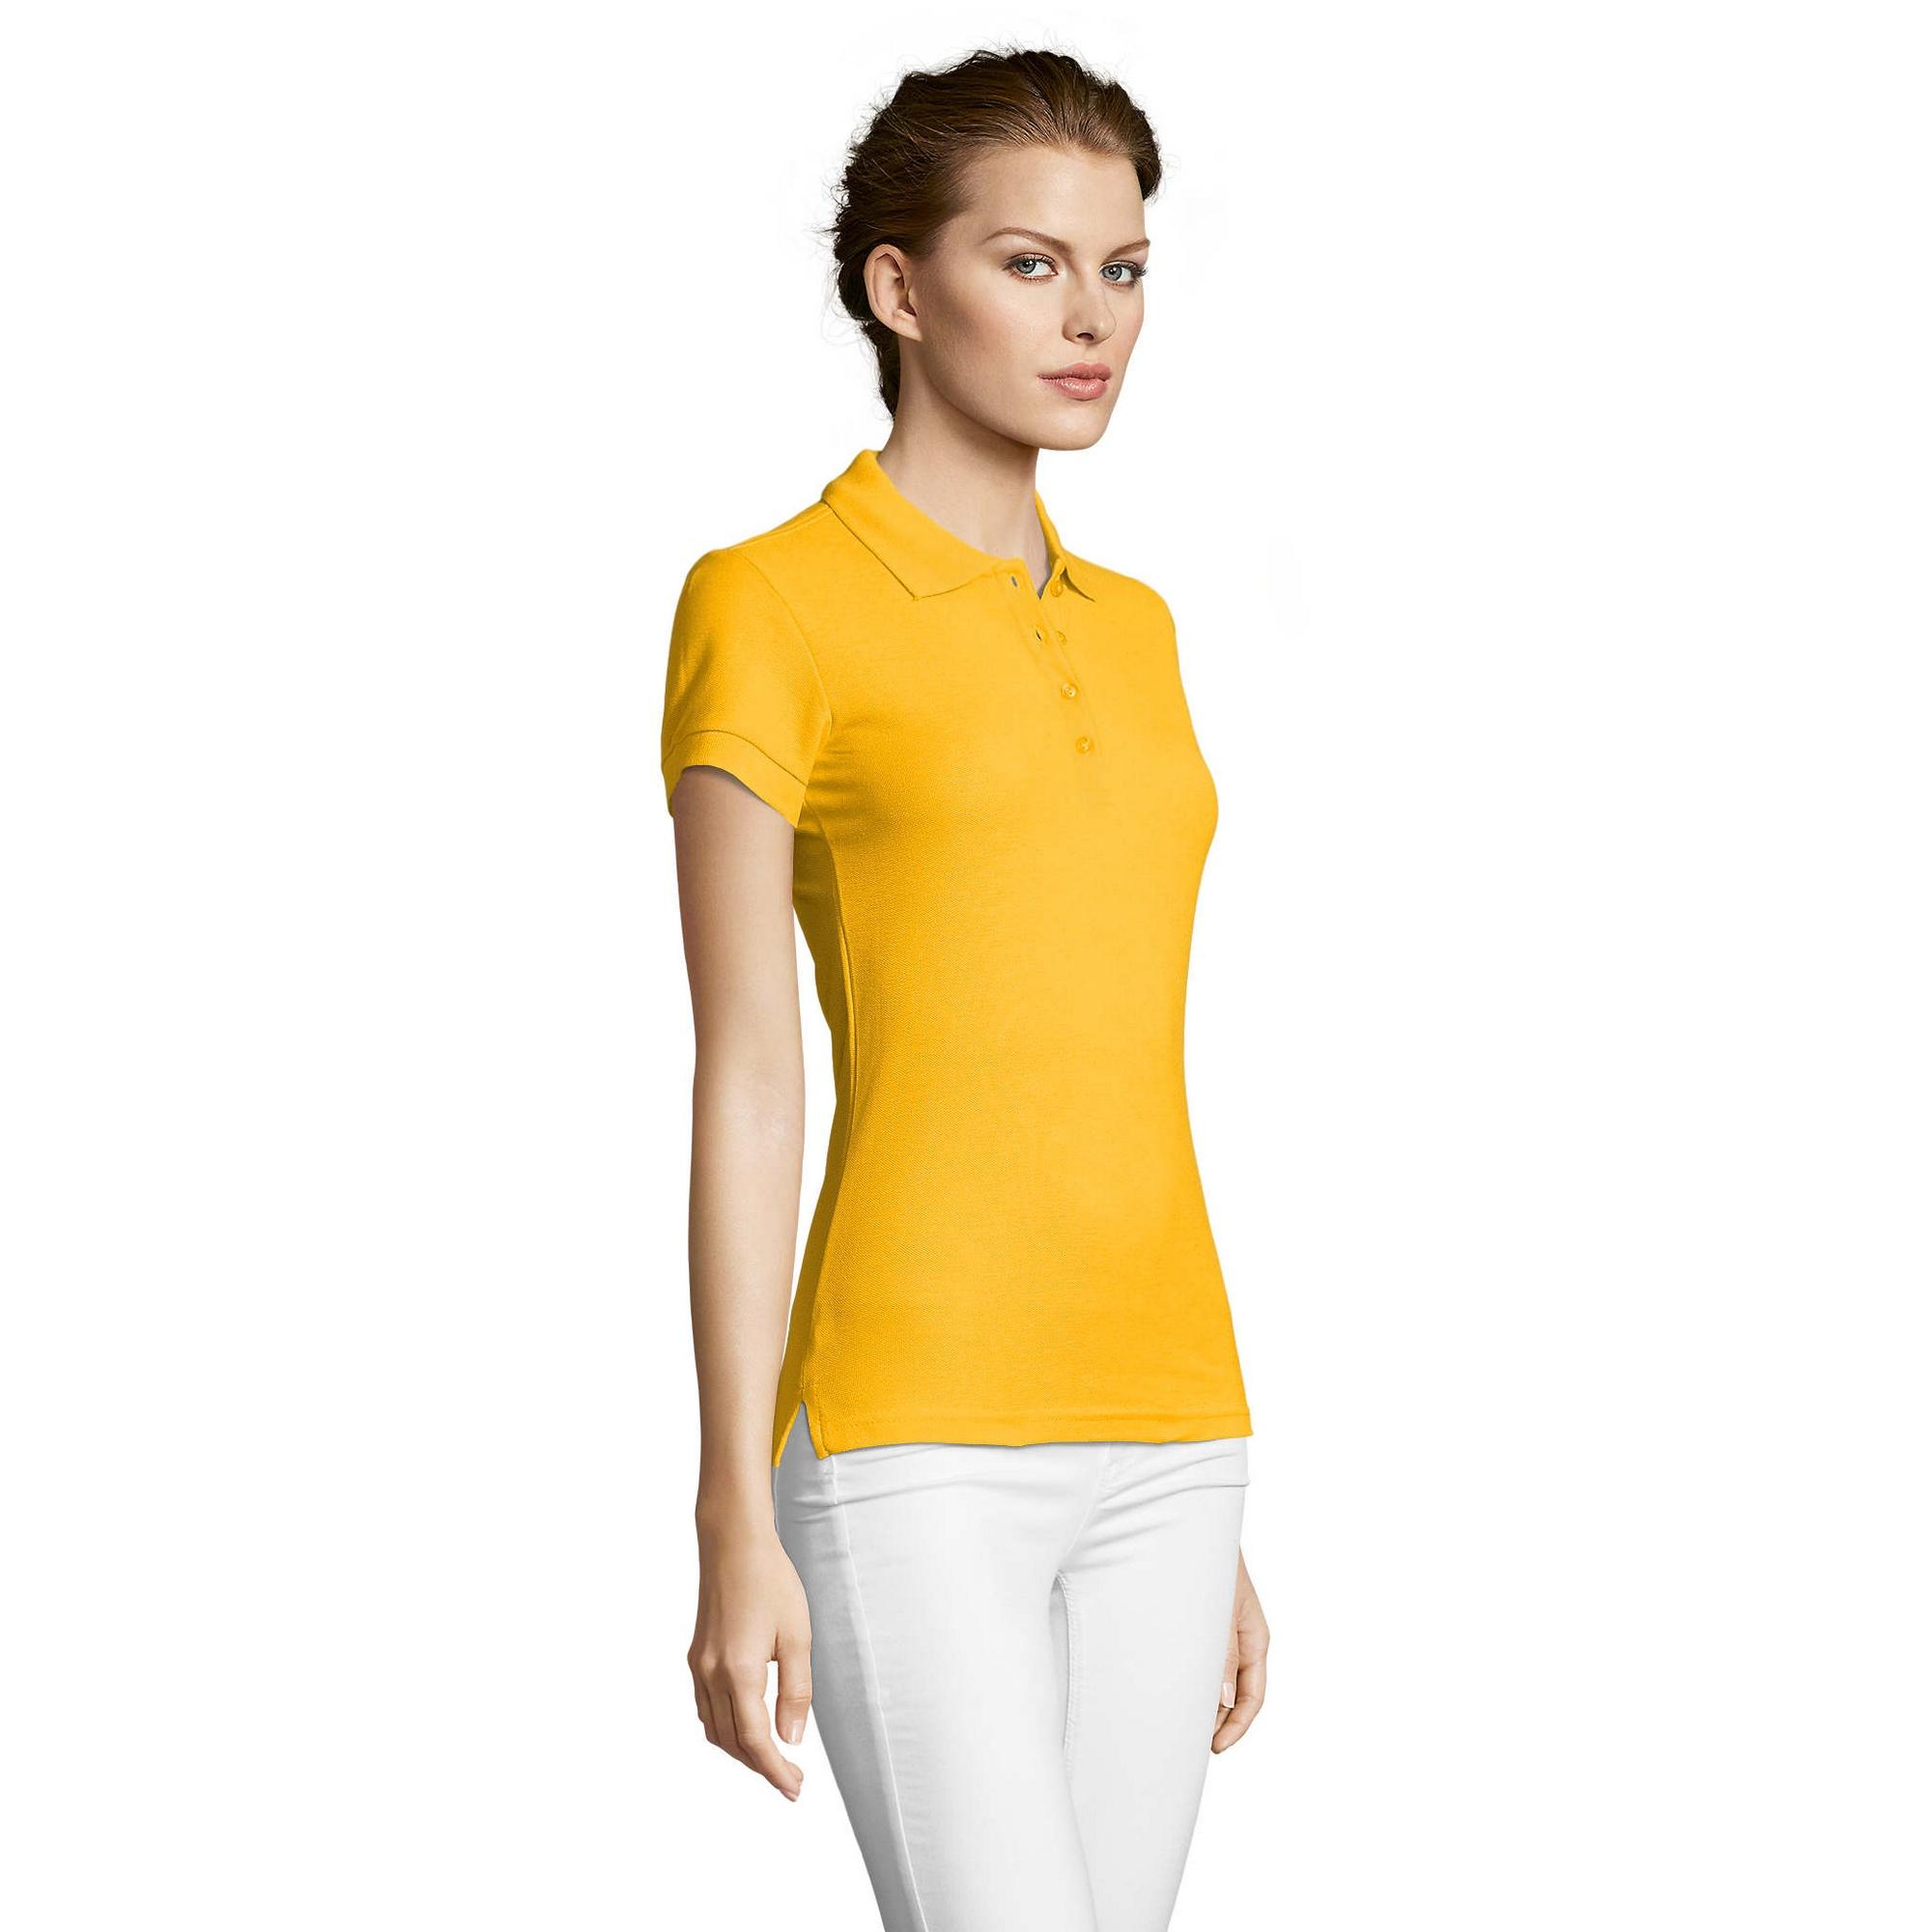 miniature 17 - SOLS-People-Polo-100-coton-a-manches-courtes-Femme-S-2XL-17-PC319